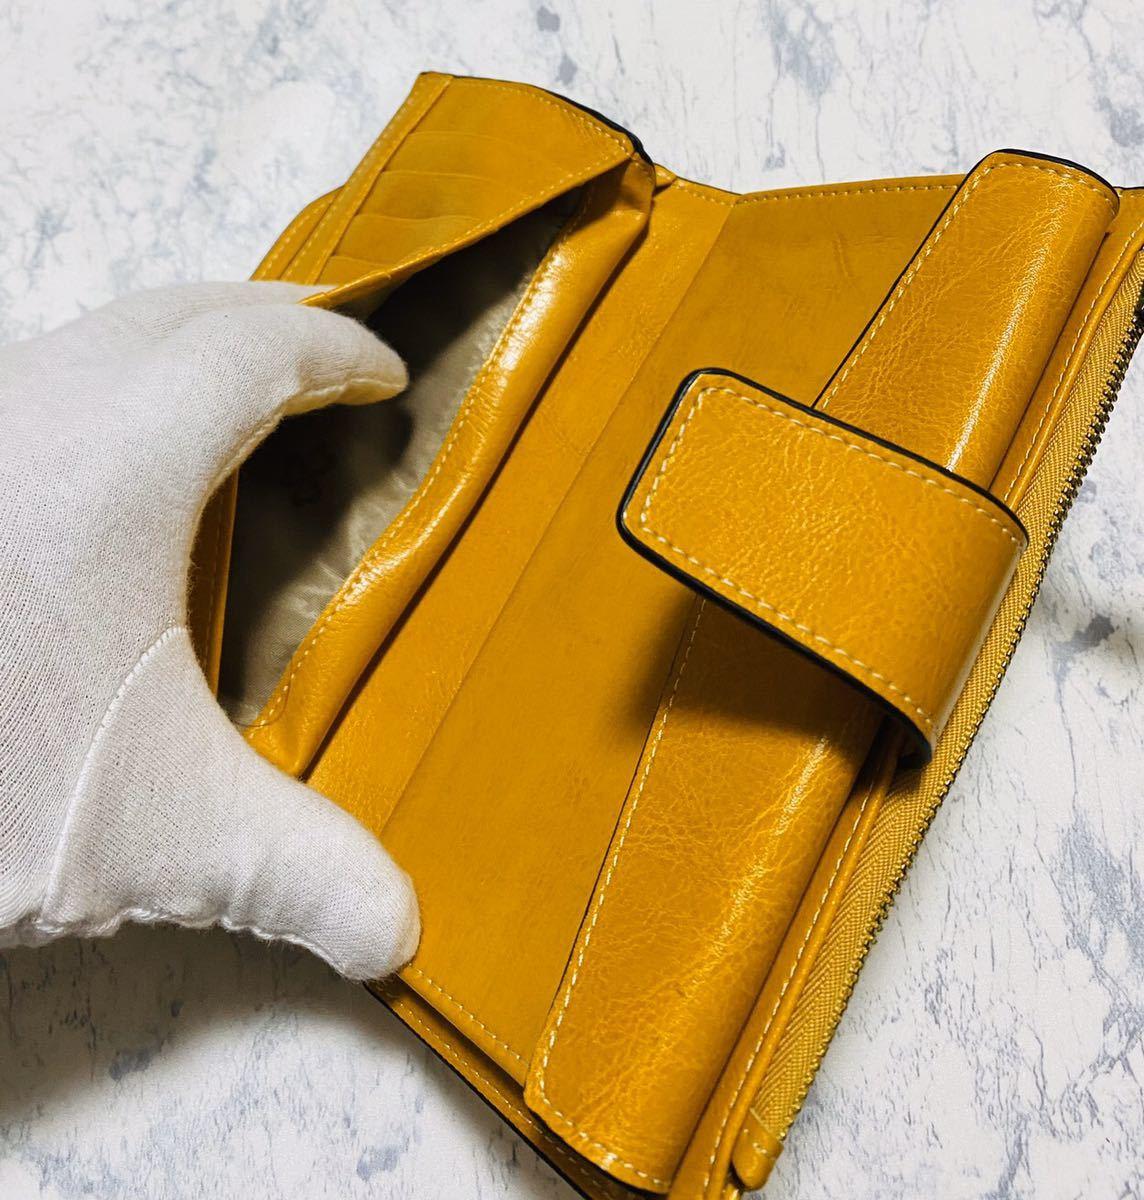 大容量 牛革 財布 カード21枚収納 二つ折り 折財布 スマホ収納可能 本革 メンズ レディス イエロー_画像8